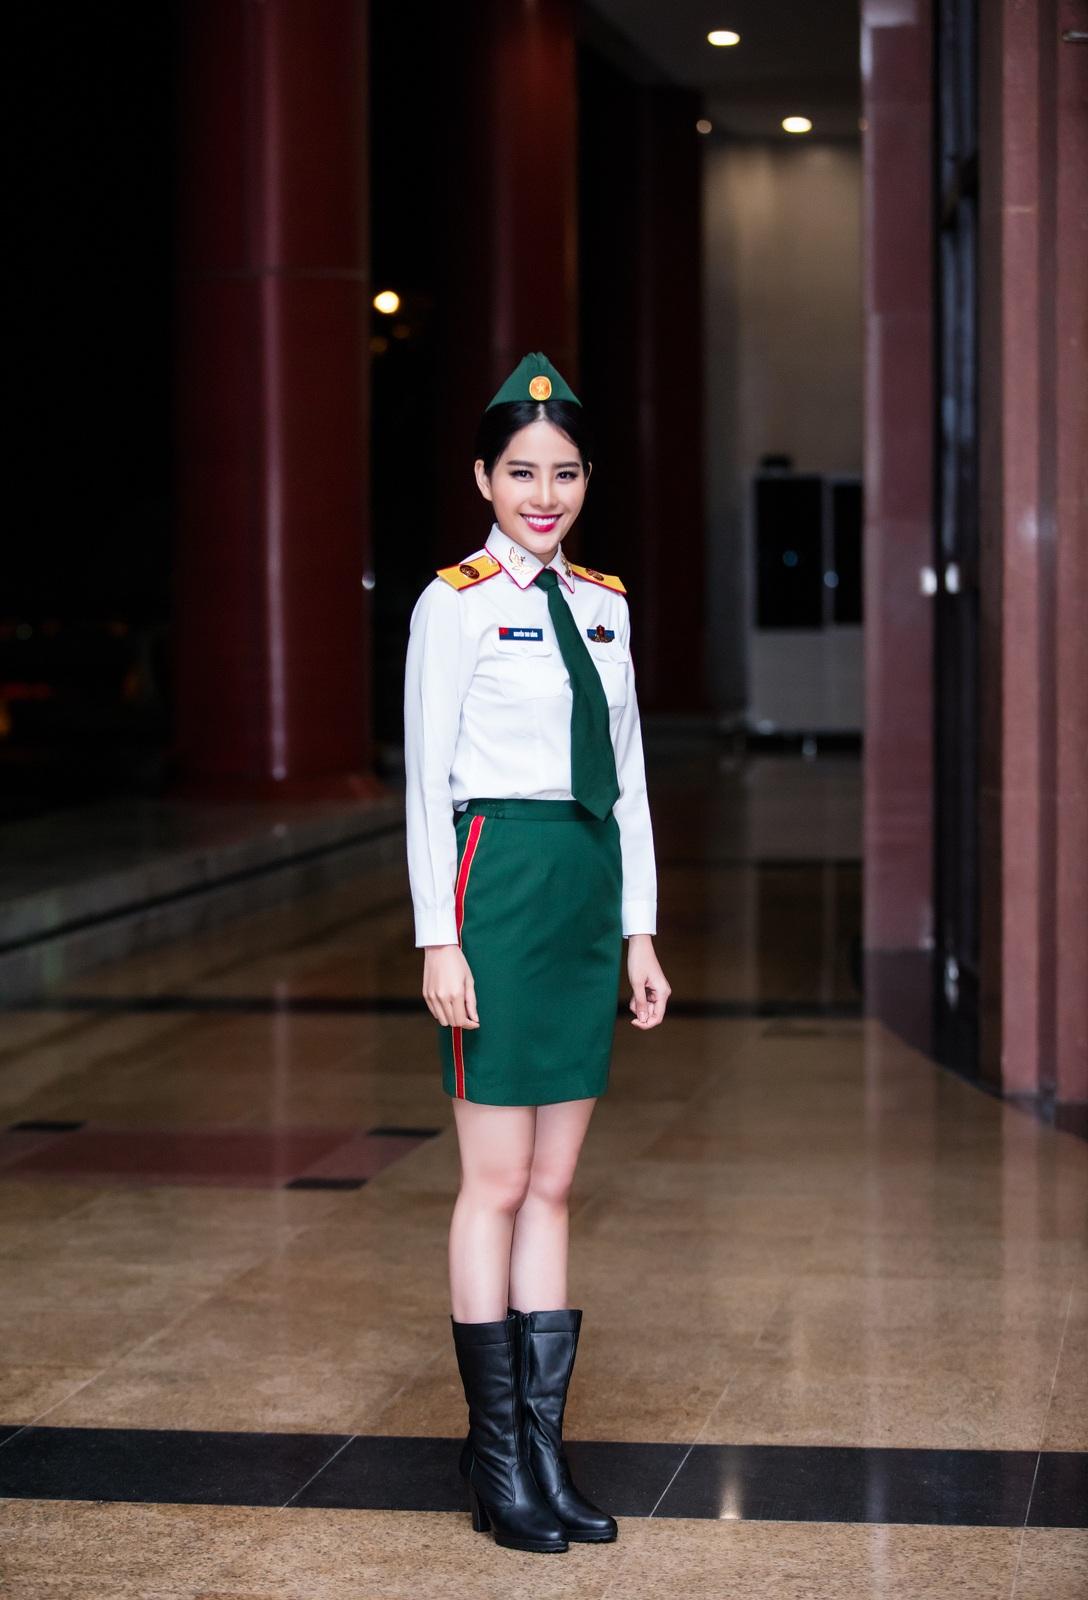 Nam Đẹp và ấn tượng với phong cách người lính